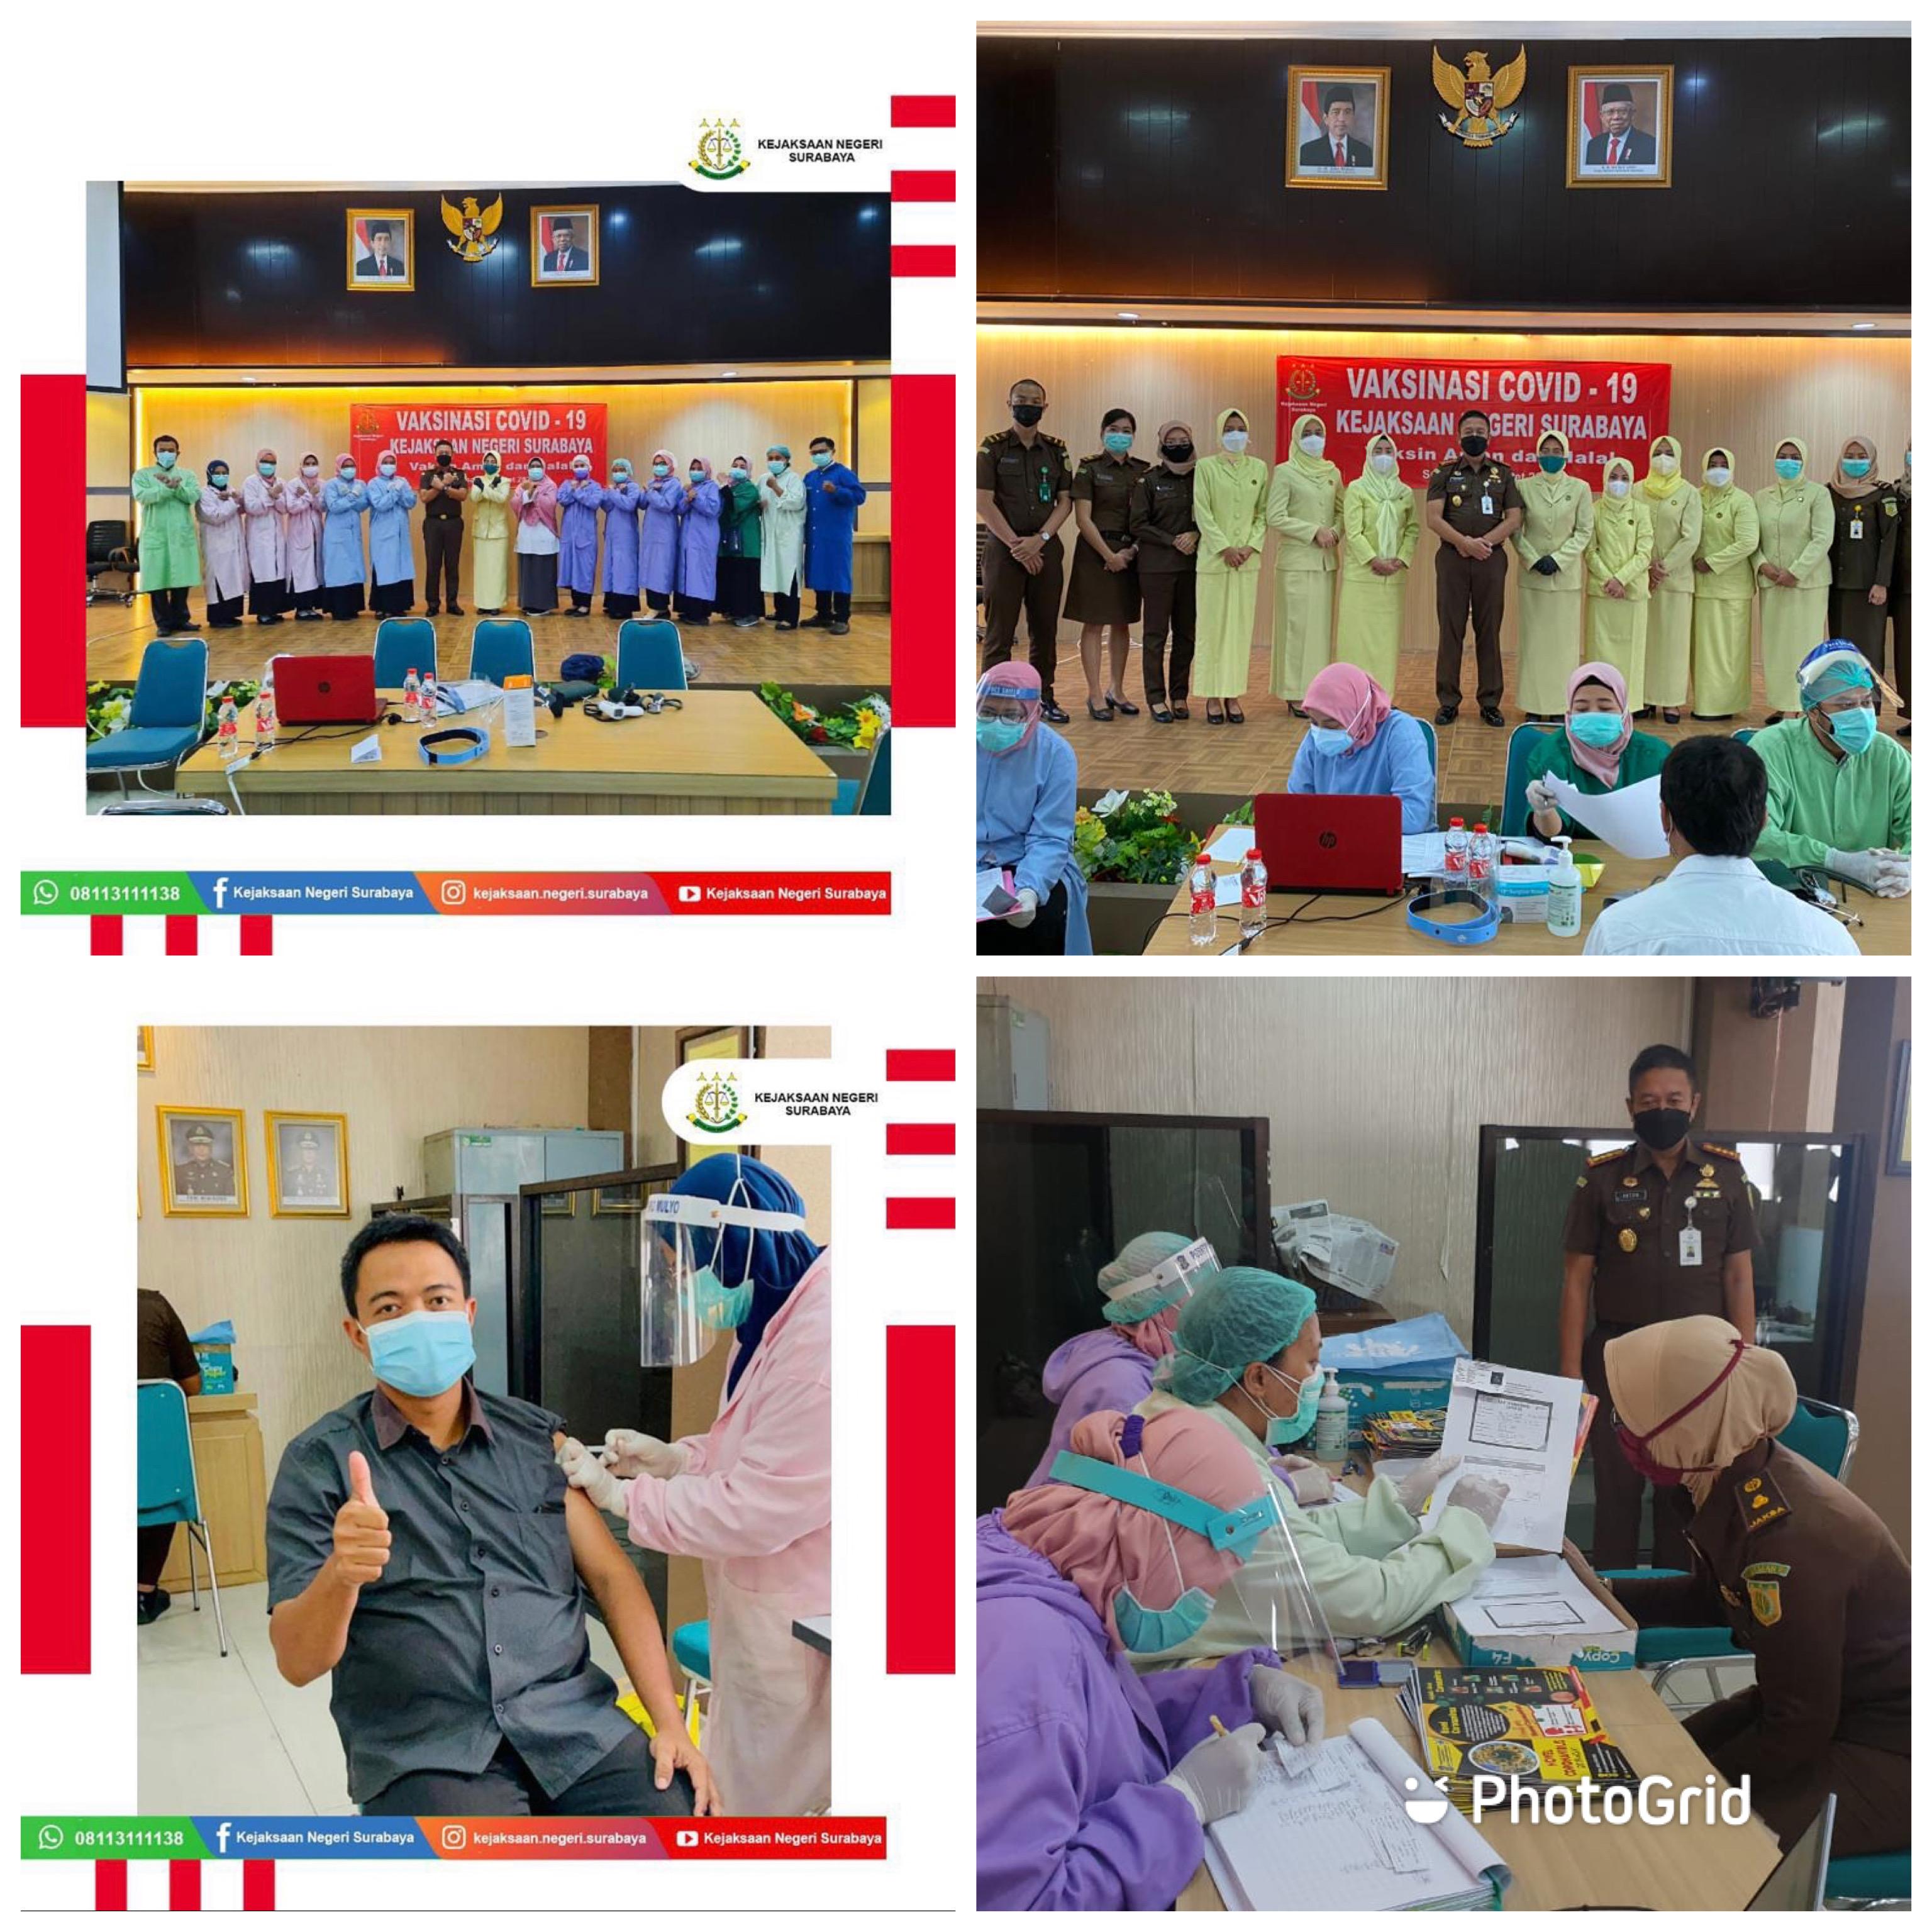 Vaksinasi Covid-19 Kejaksaan Negeri Surabaya 03-03-2021